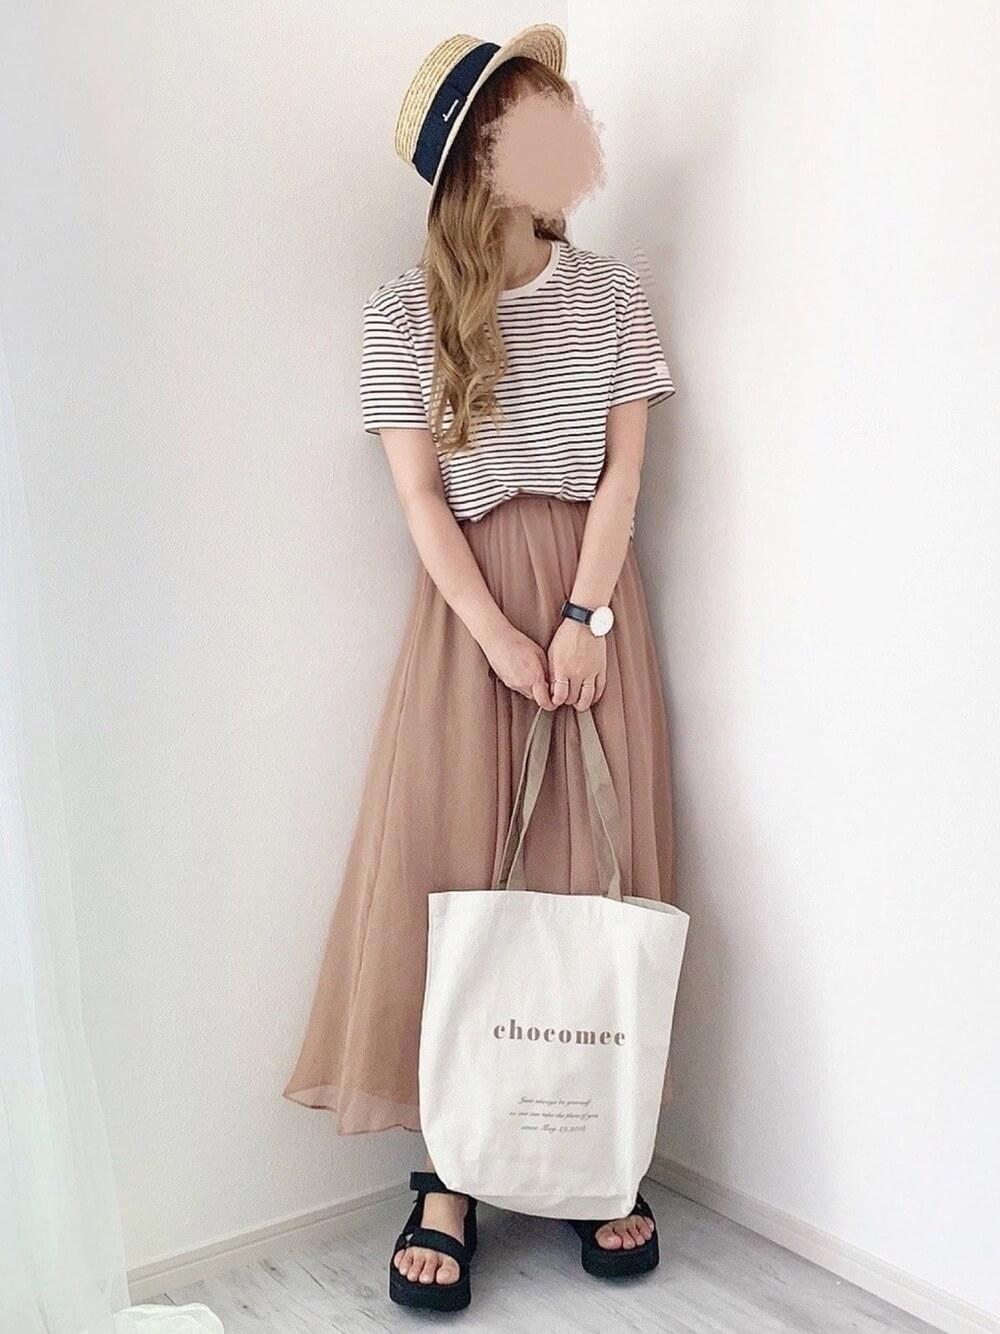 カンカン帽×ブラウンボーダー×ブラウンのスカート×黒のサンダル